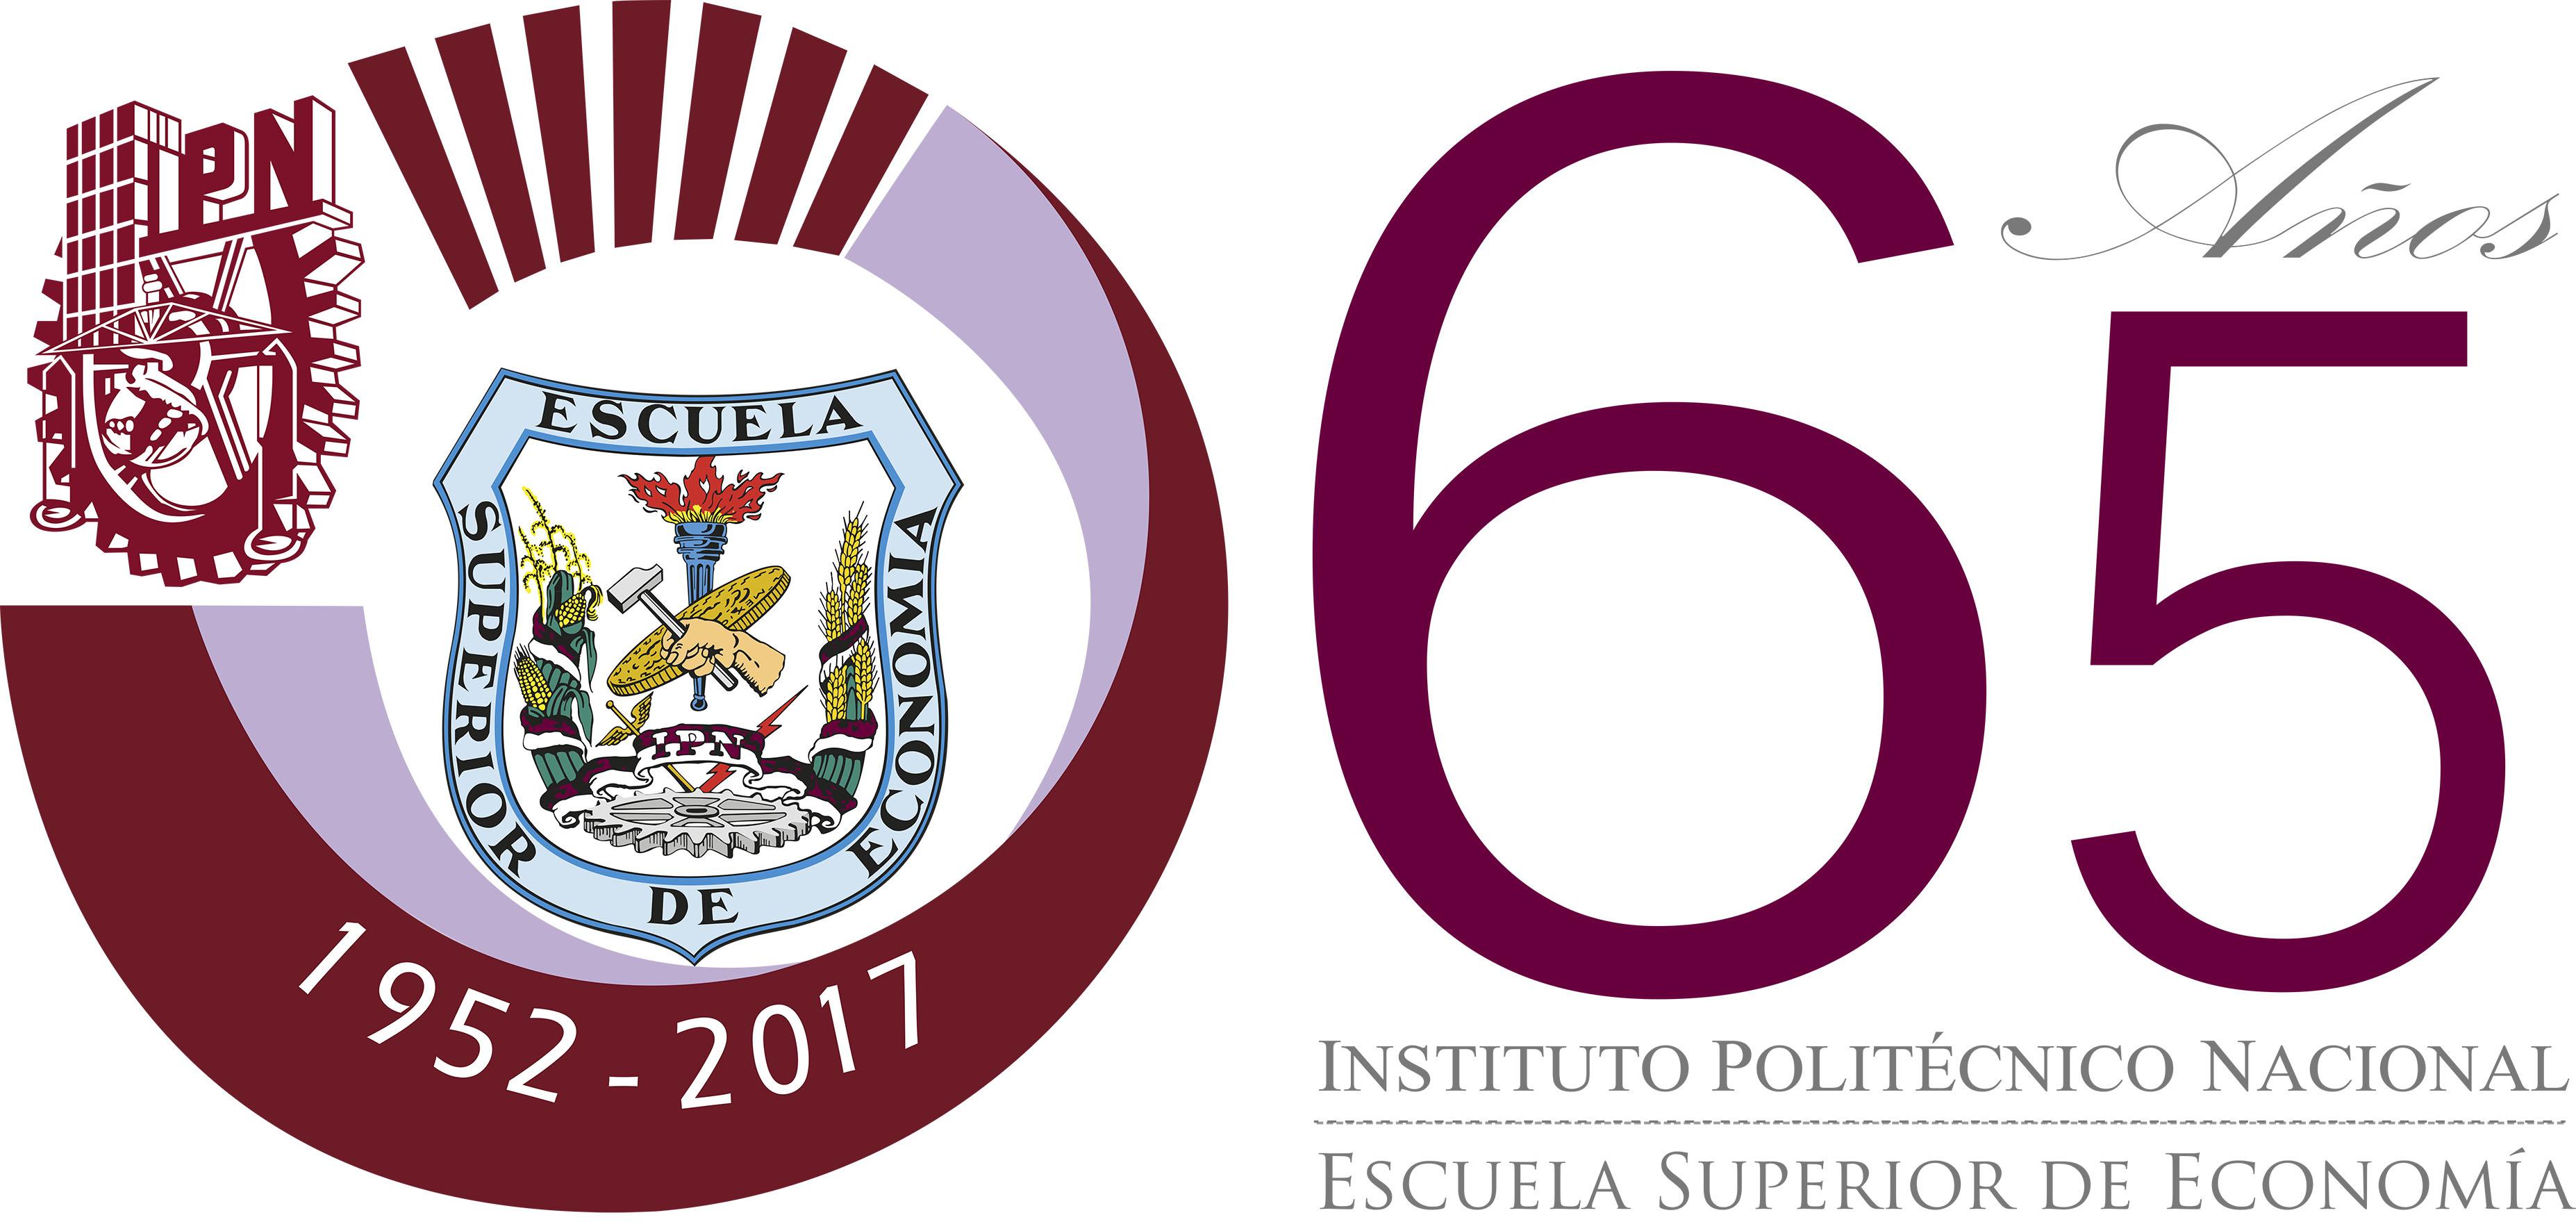 Escuela Superior de Economia, Edgar Arenas, Rankia, exposición